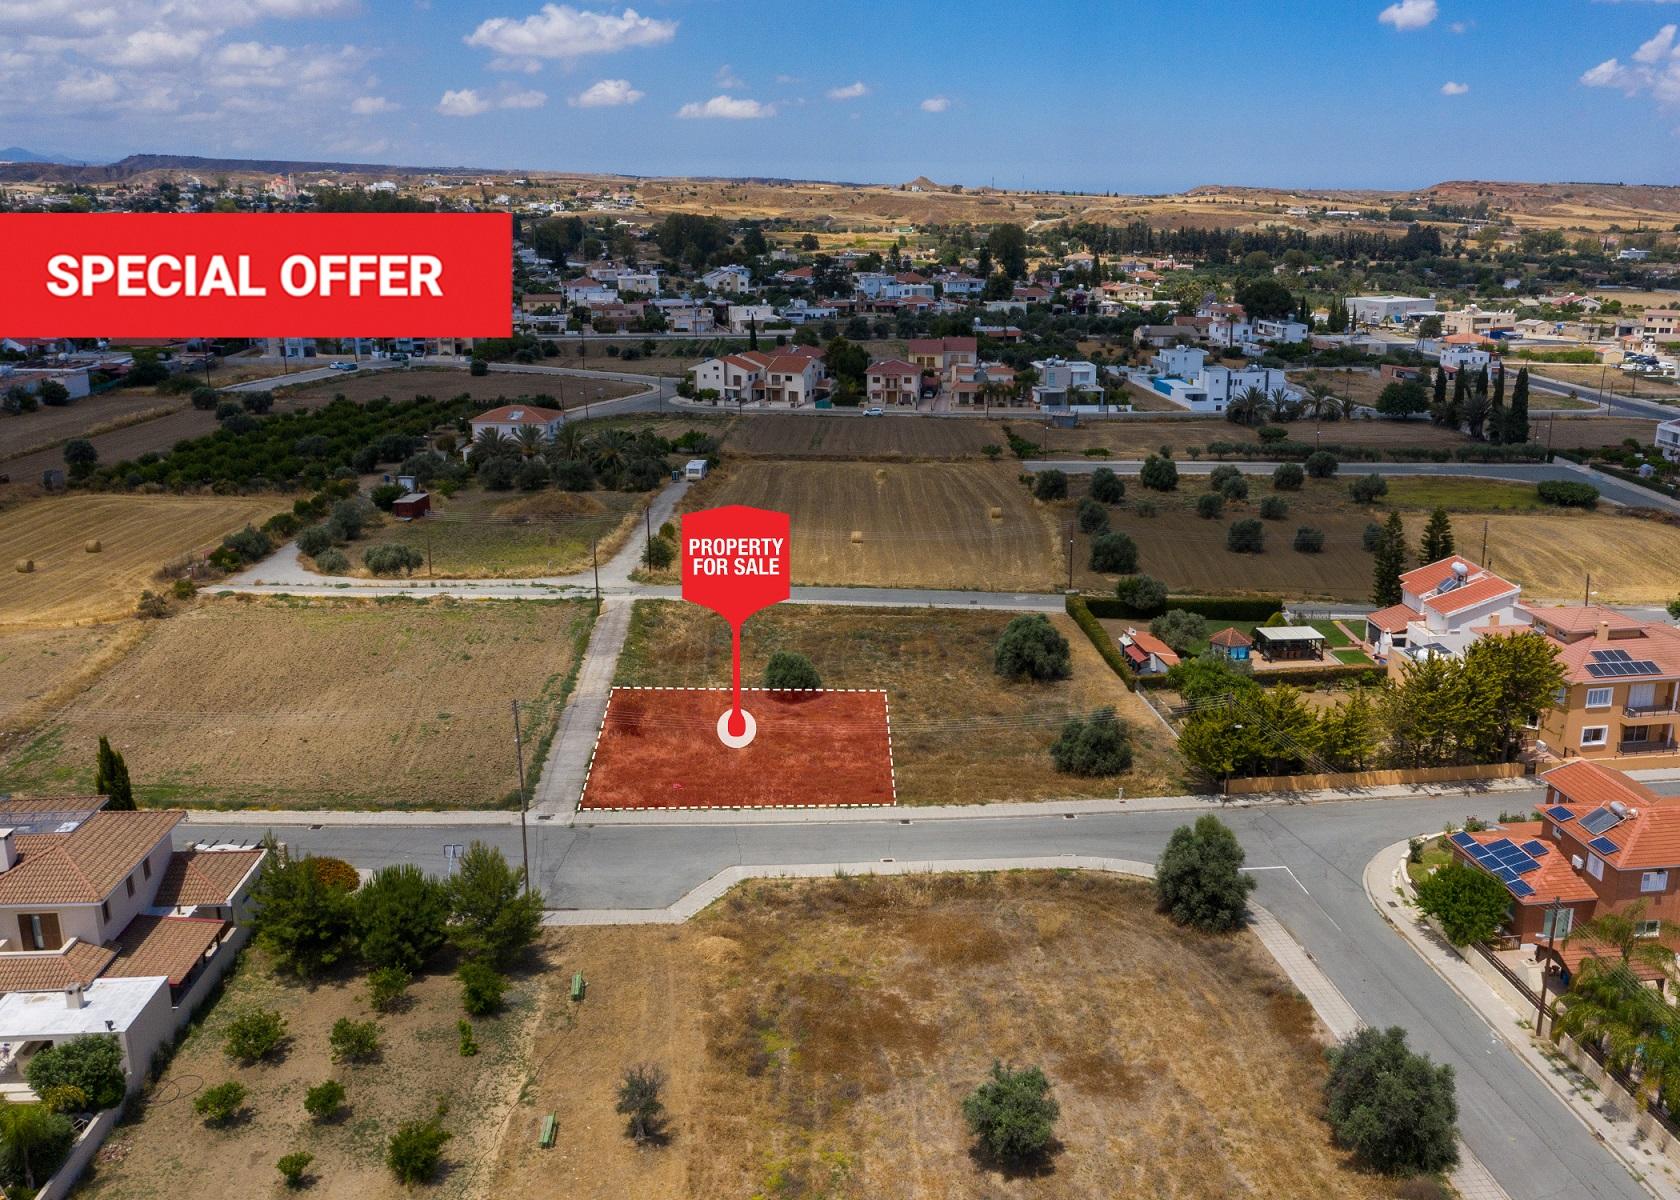 Компания Altamira распродает землю должников по ценам ниже рыночных